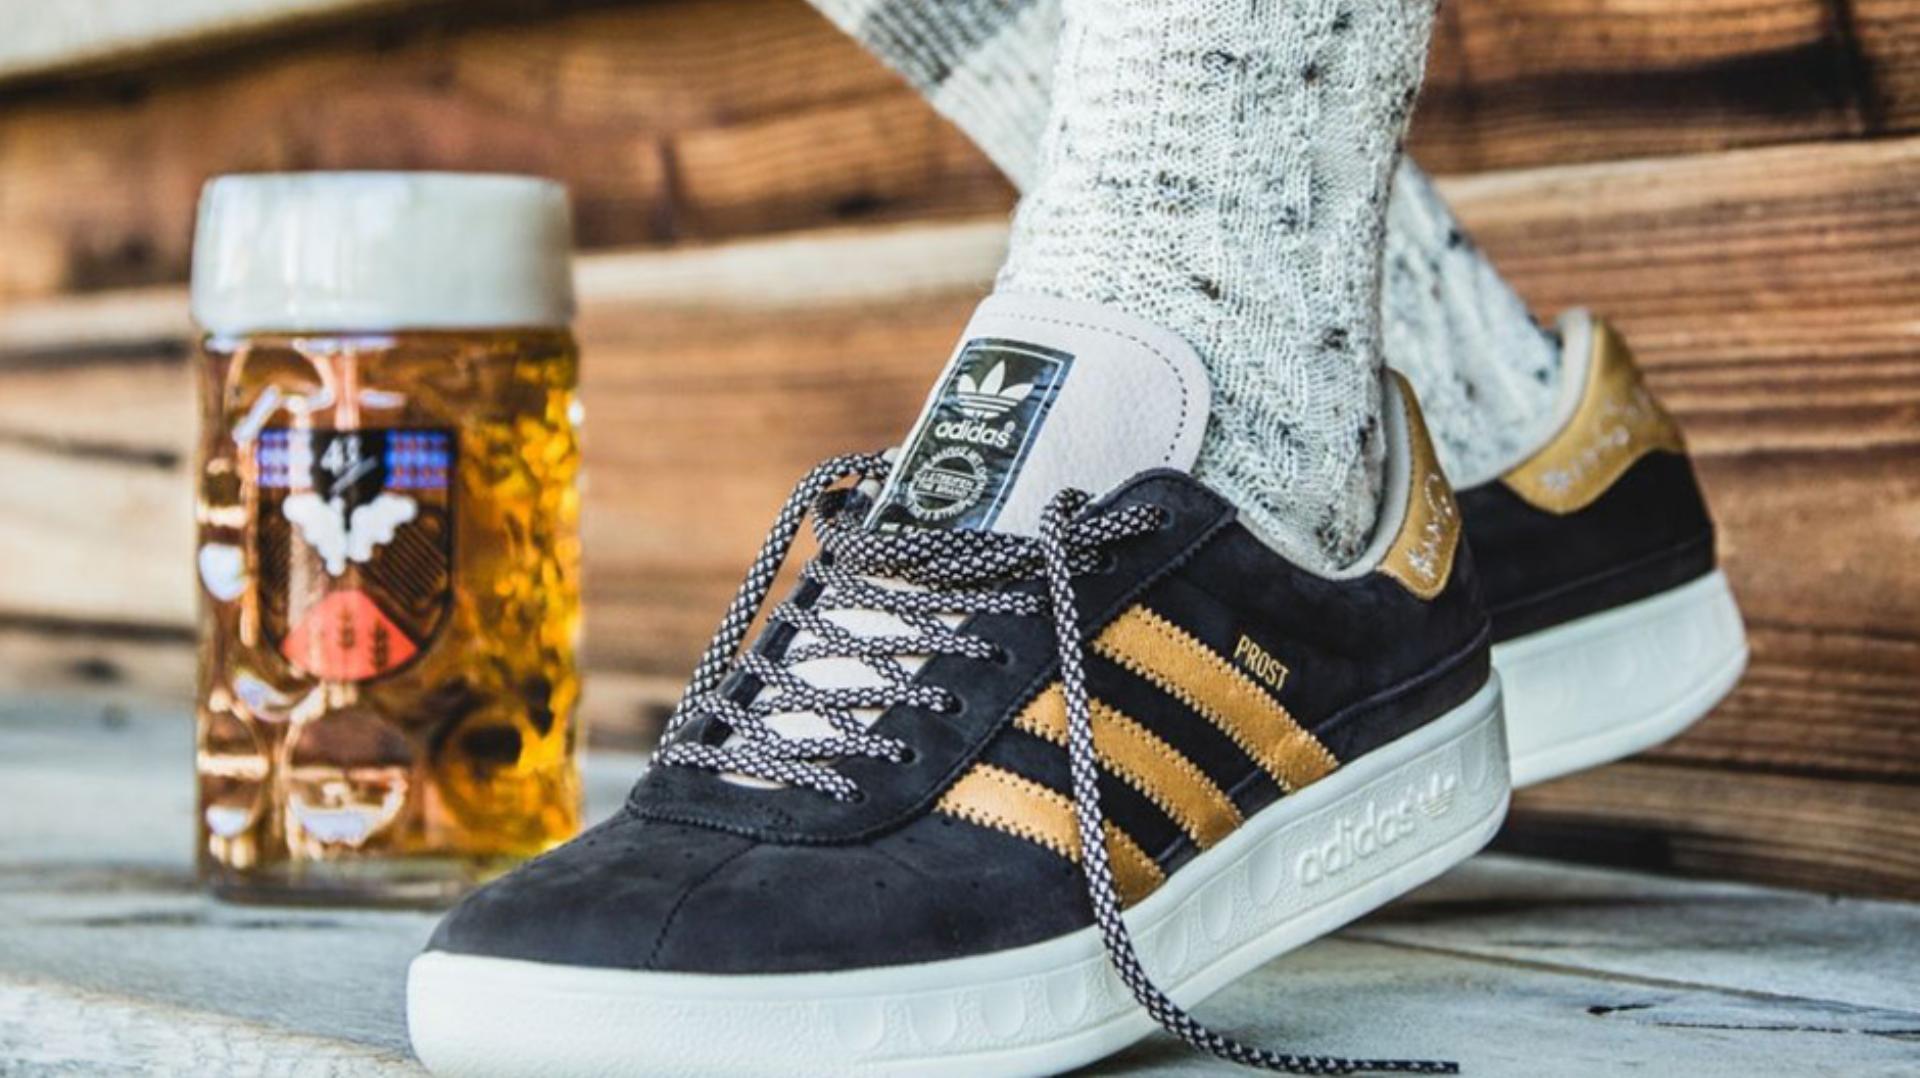 6682f2b80c Os novos ténis da Adidas são à prova de cerveja e más disposições